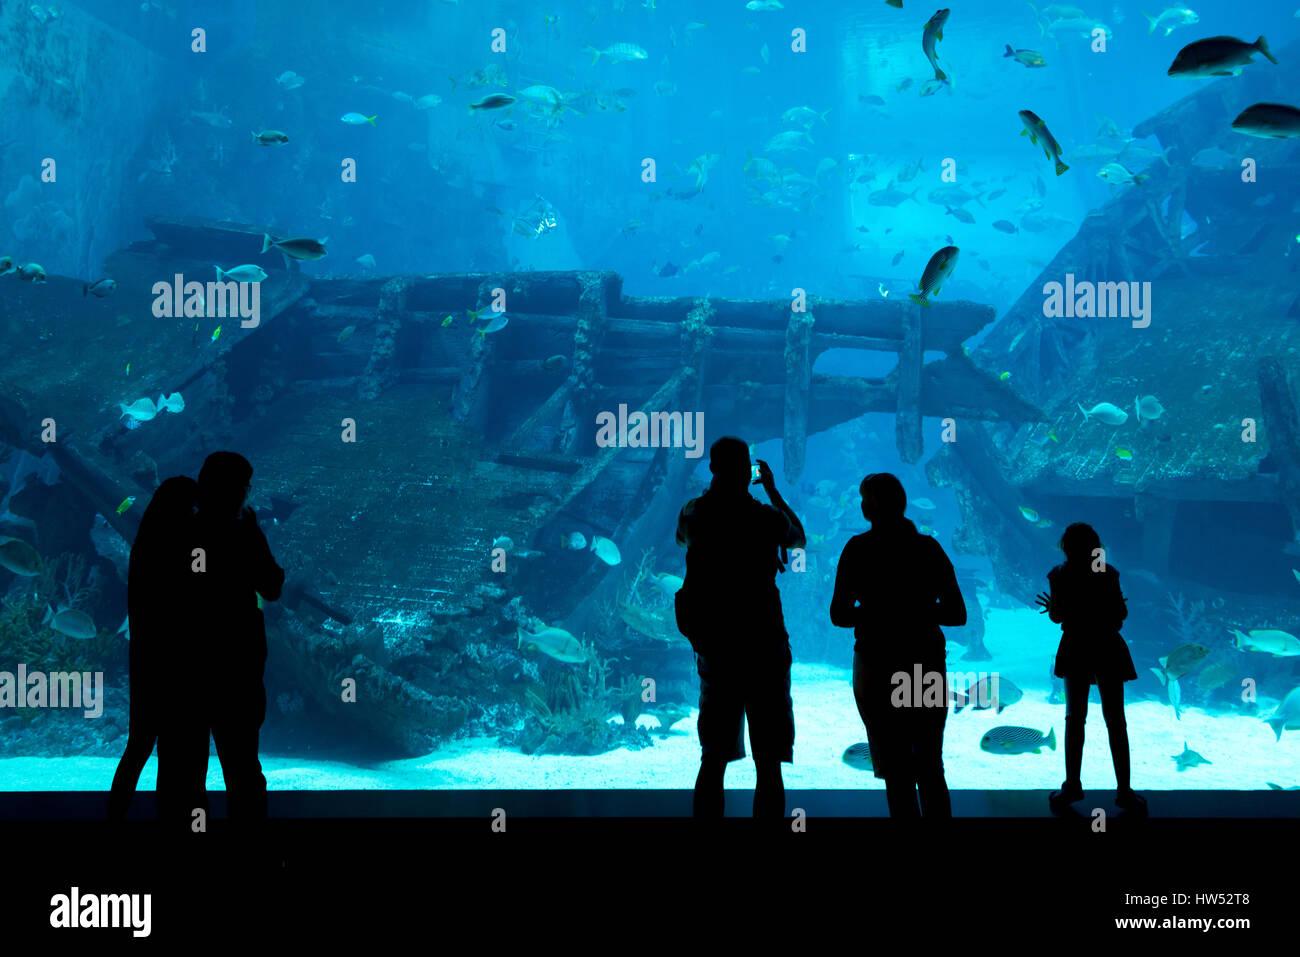 Fish in big aquarium - Silhouettes Of People Against A Big Aquarium Tourist Looking Fish In Aquarium